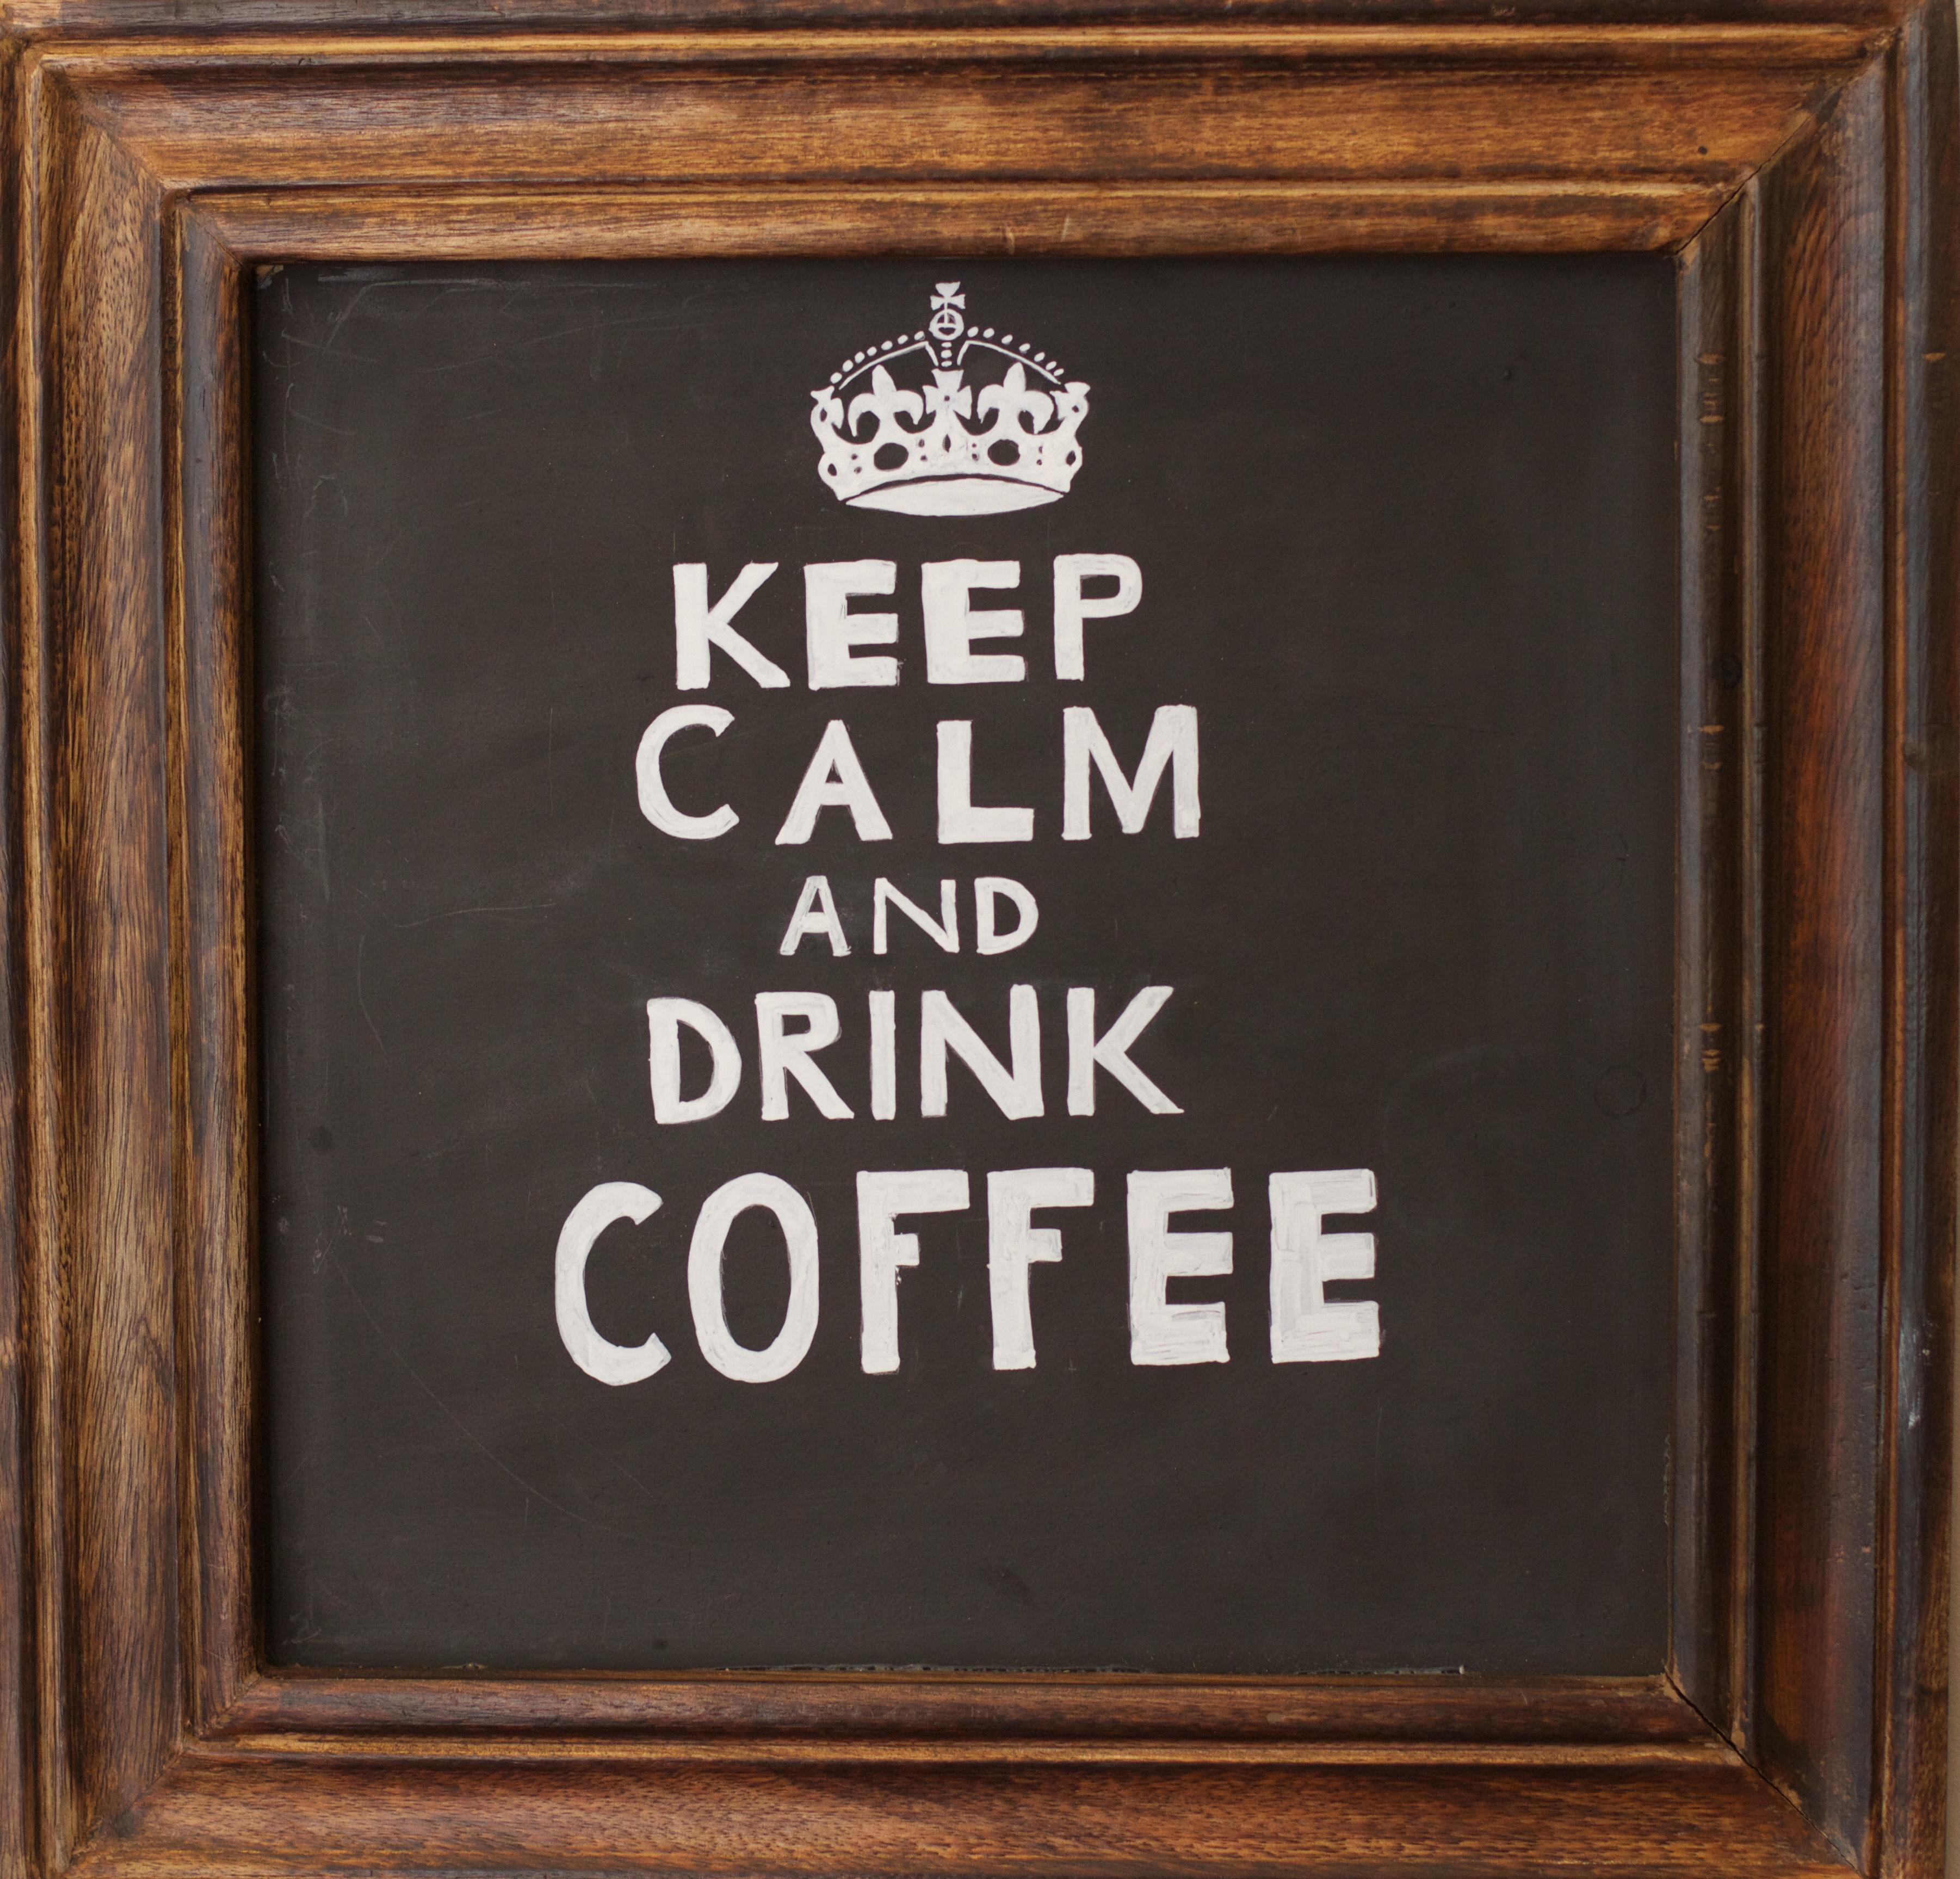 Kostenlose foto : Kaffee, Holz, Tafel, Bilderrahmen, Ruhe bewahren ...